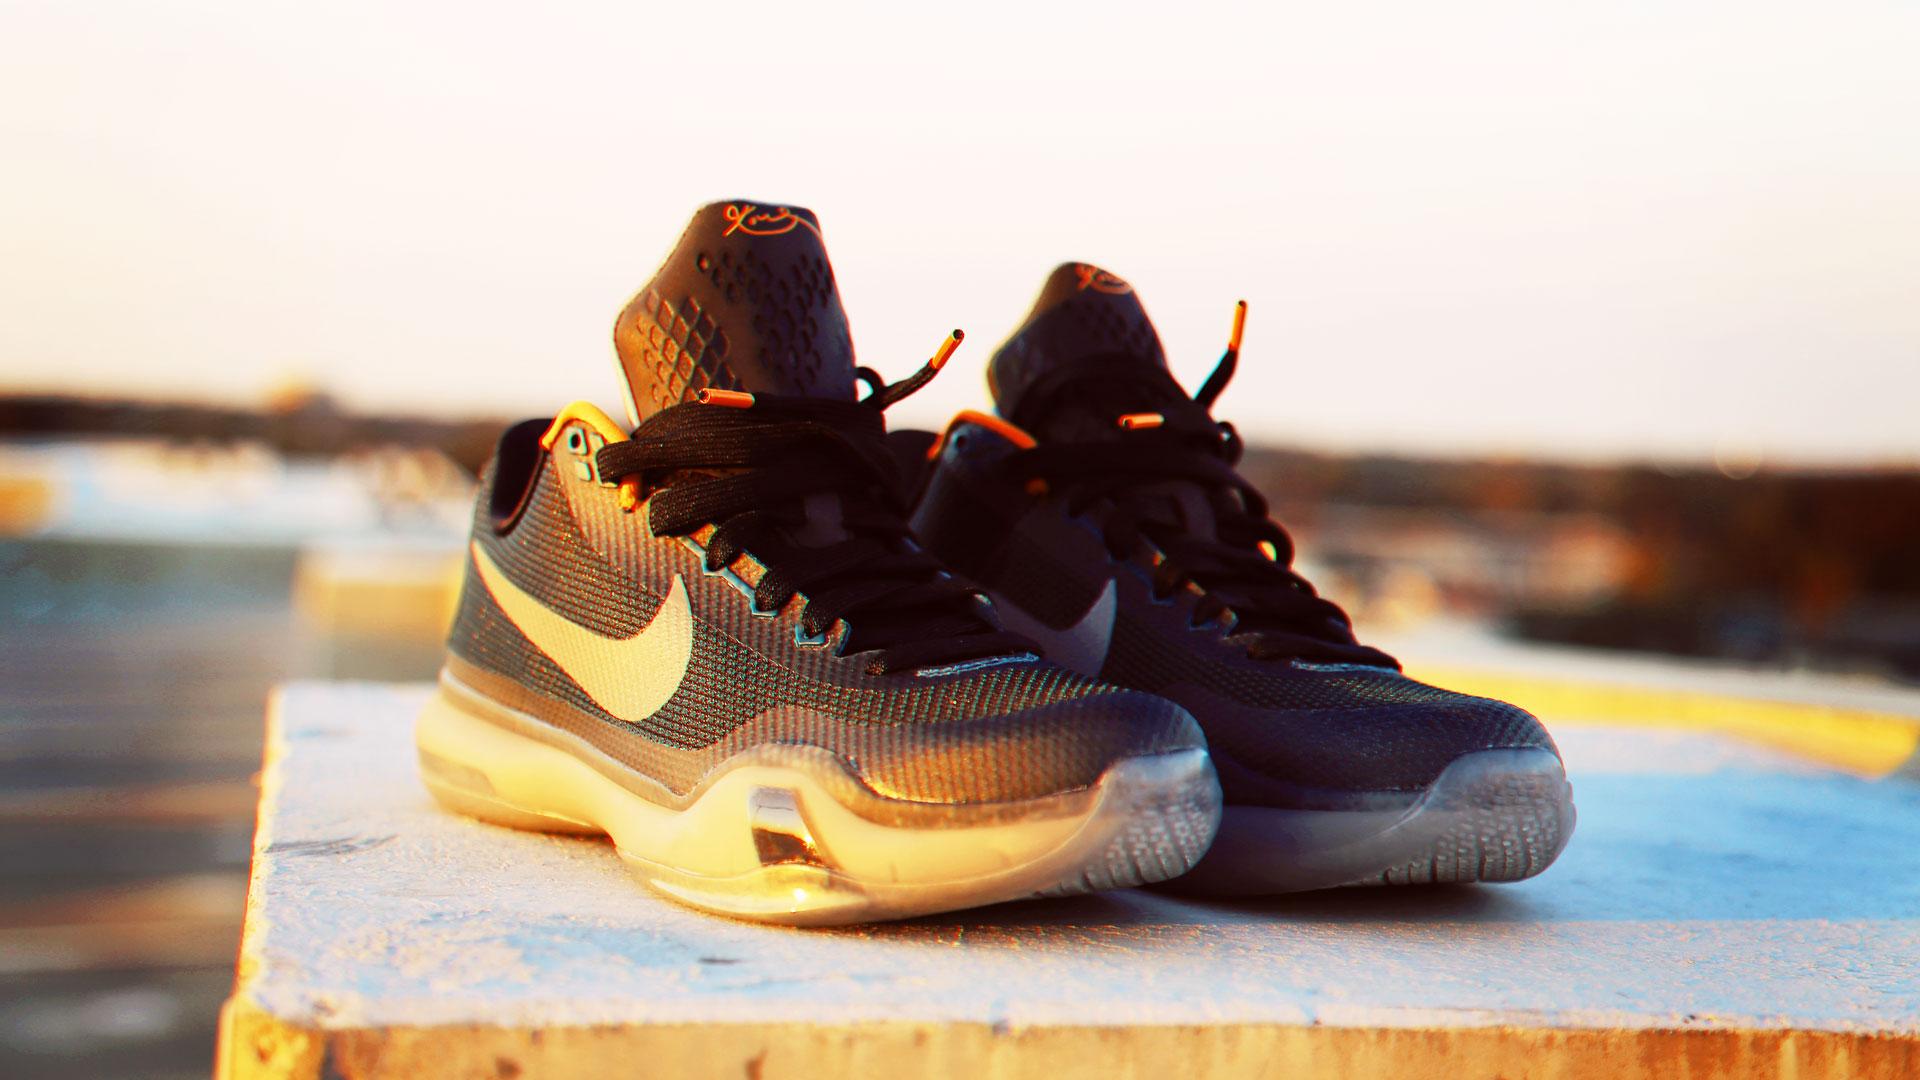 Nike Kobe X Cross Trainers